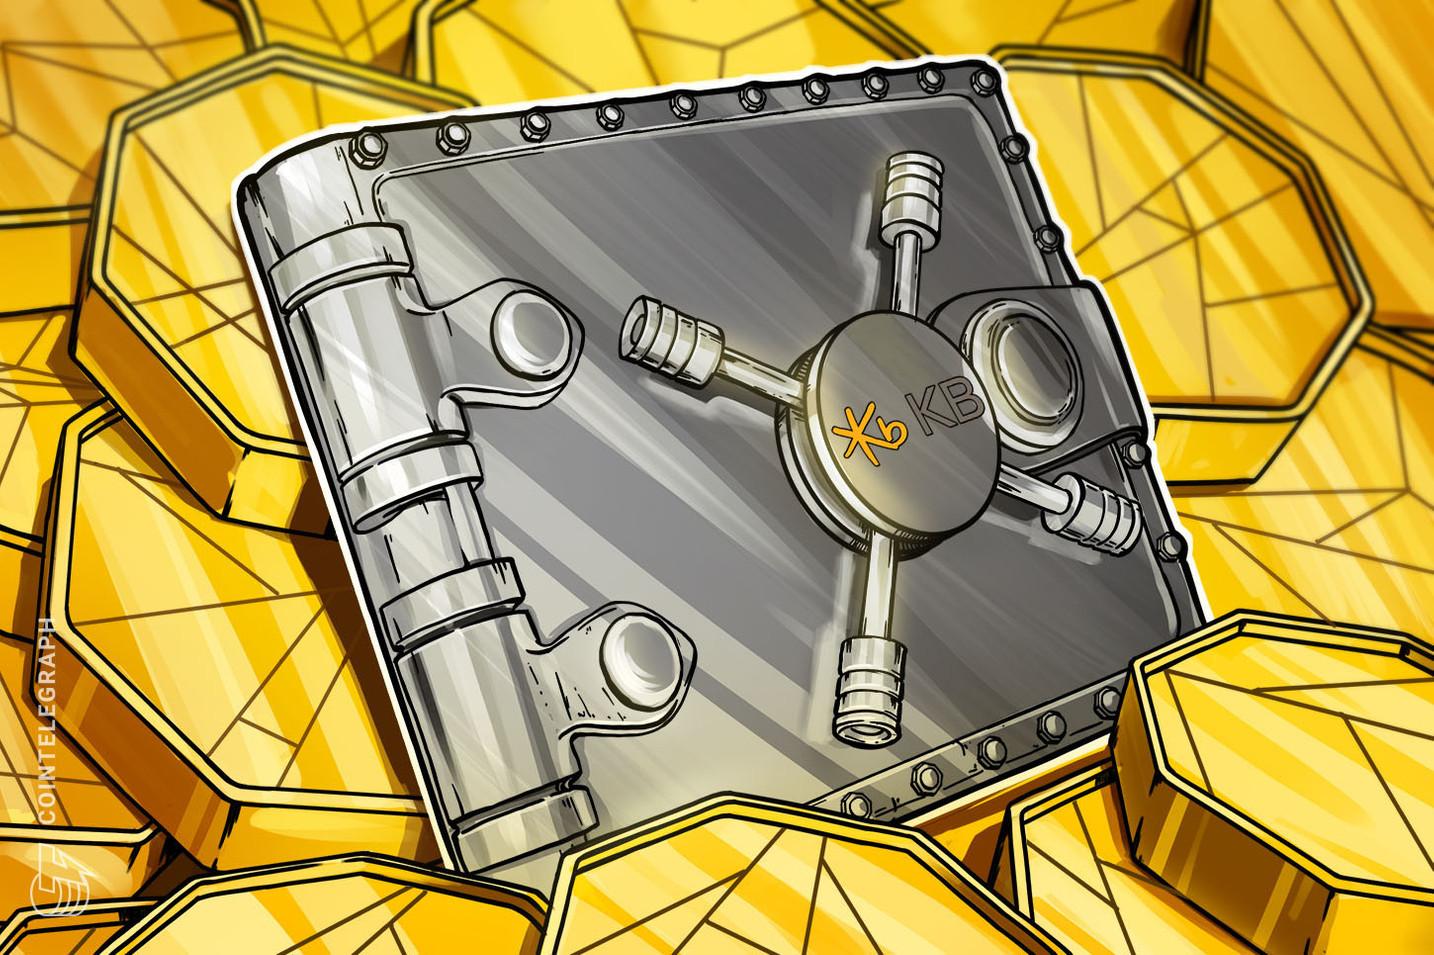 Korejska banka potpisala sporazum sa Atomics Lab-om kako bi ispitali upravljanje kripto sredstvima